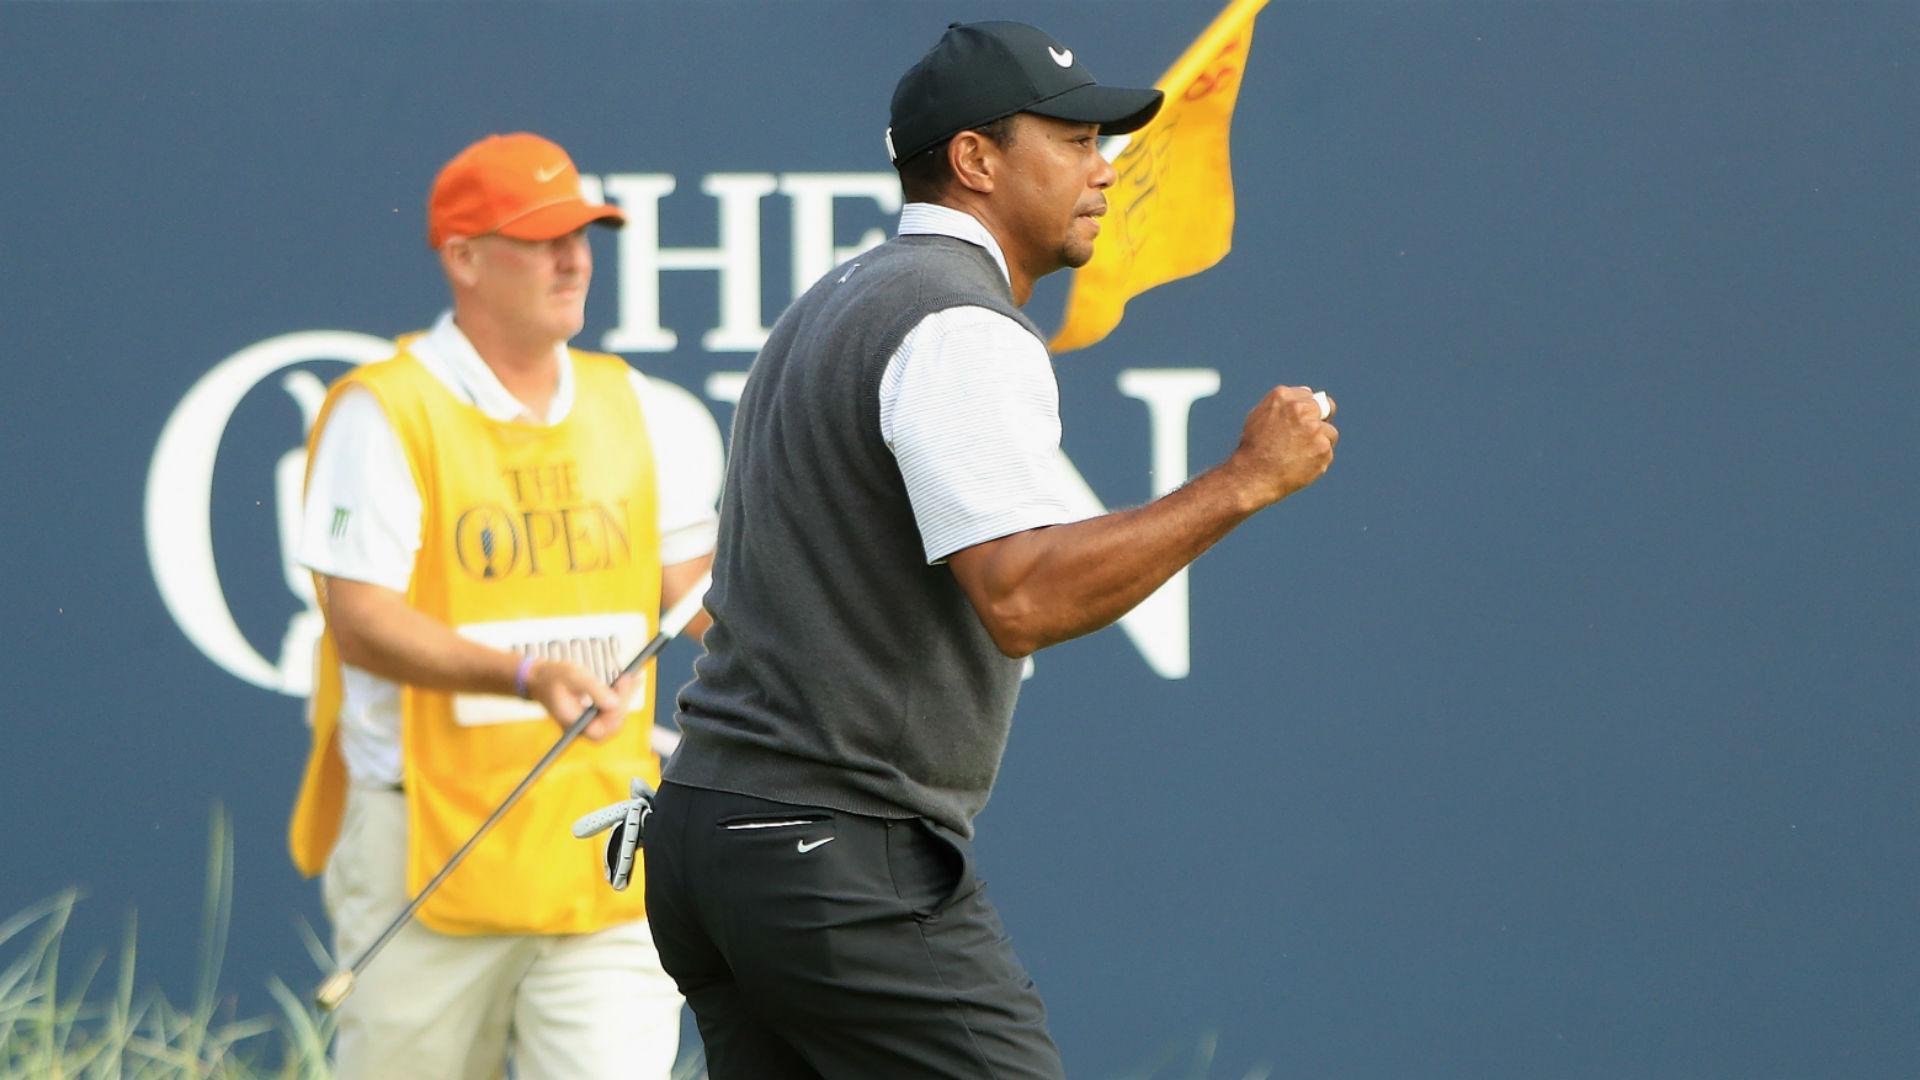 British Open 2018: Tiger Woods sets clubhouse target; Kevin Kisner edges back in front